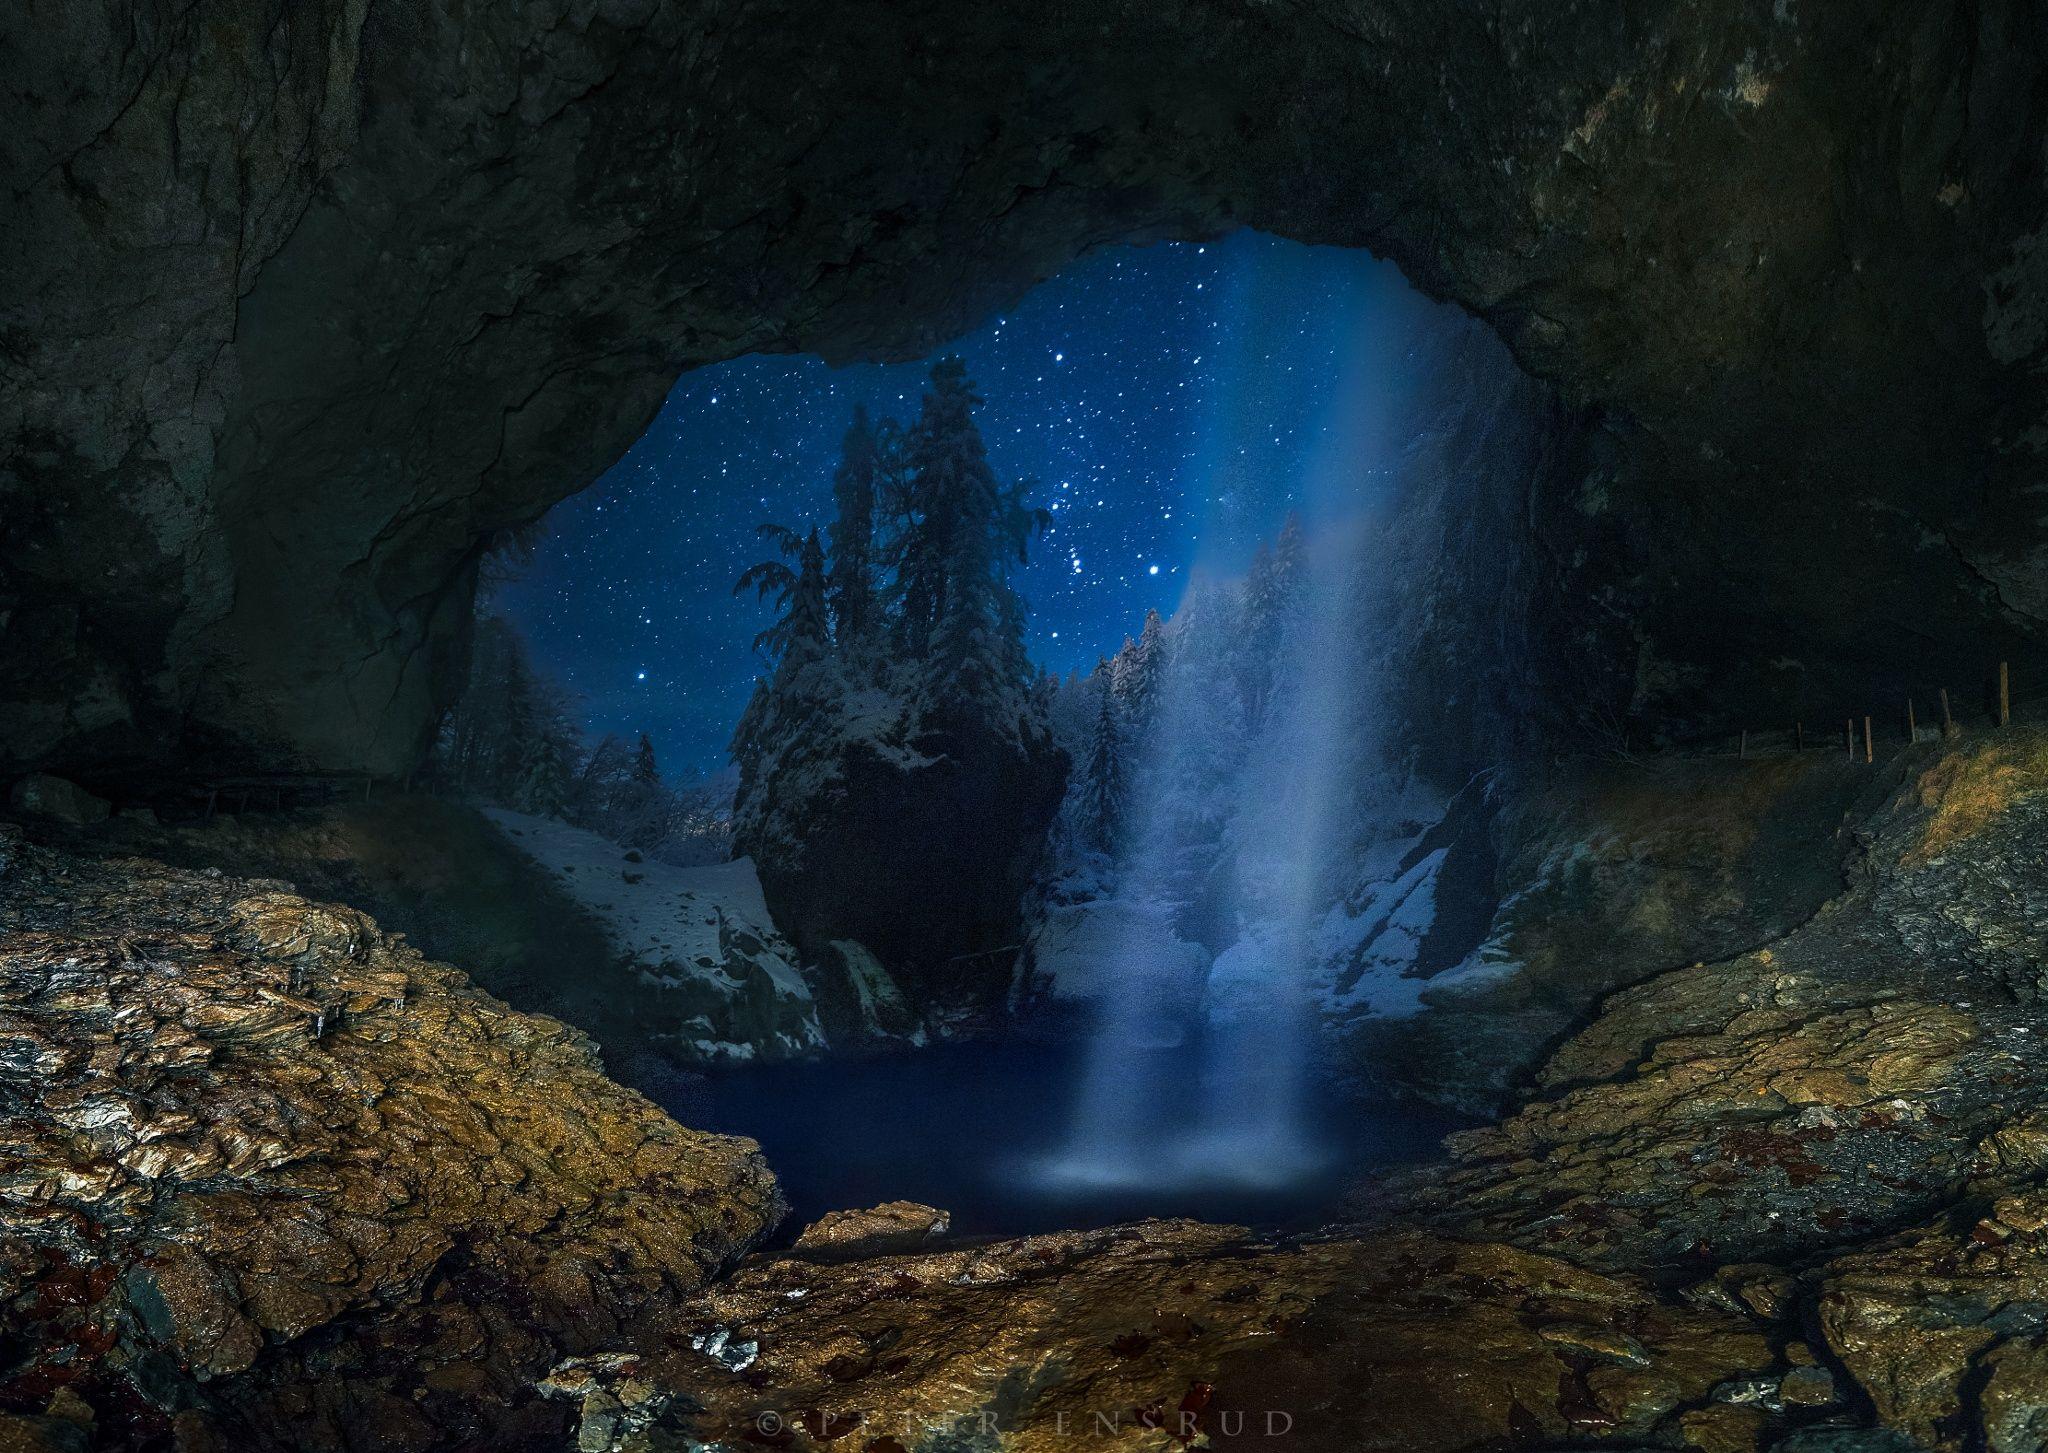 Berglistuber Cave